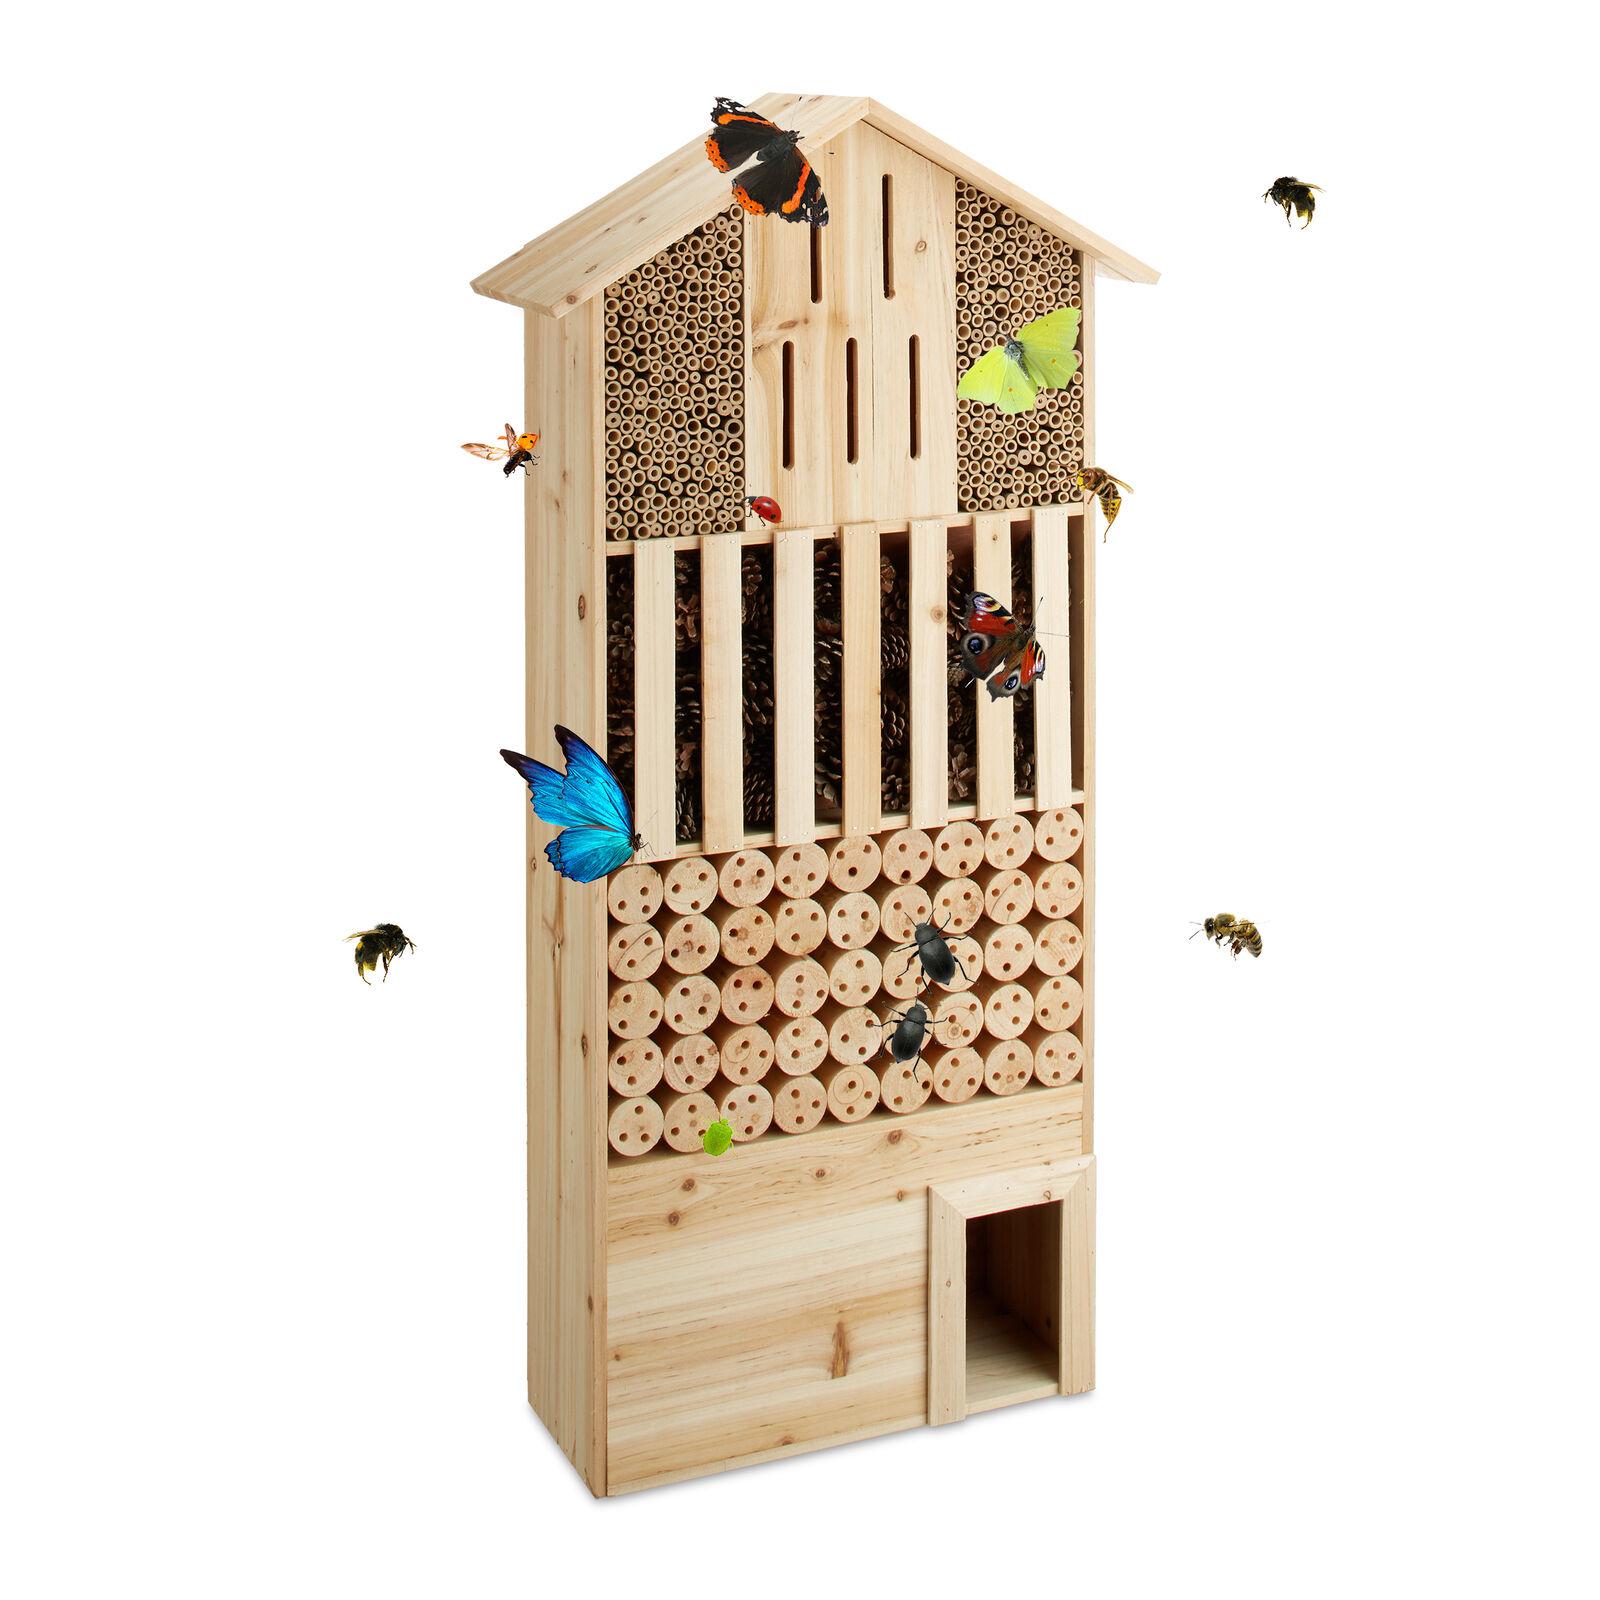 Insektenhotel natur Größe XXL Bienen Schmetterlinge Igelhaus stehend Bienenhotel | Genial Und Praktisch  | Online Outlet Store  | Spezielle Funktion